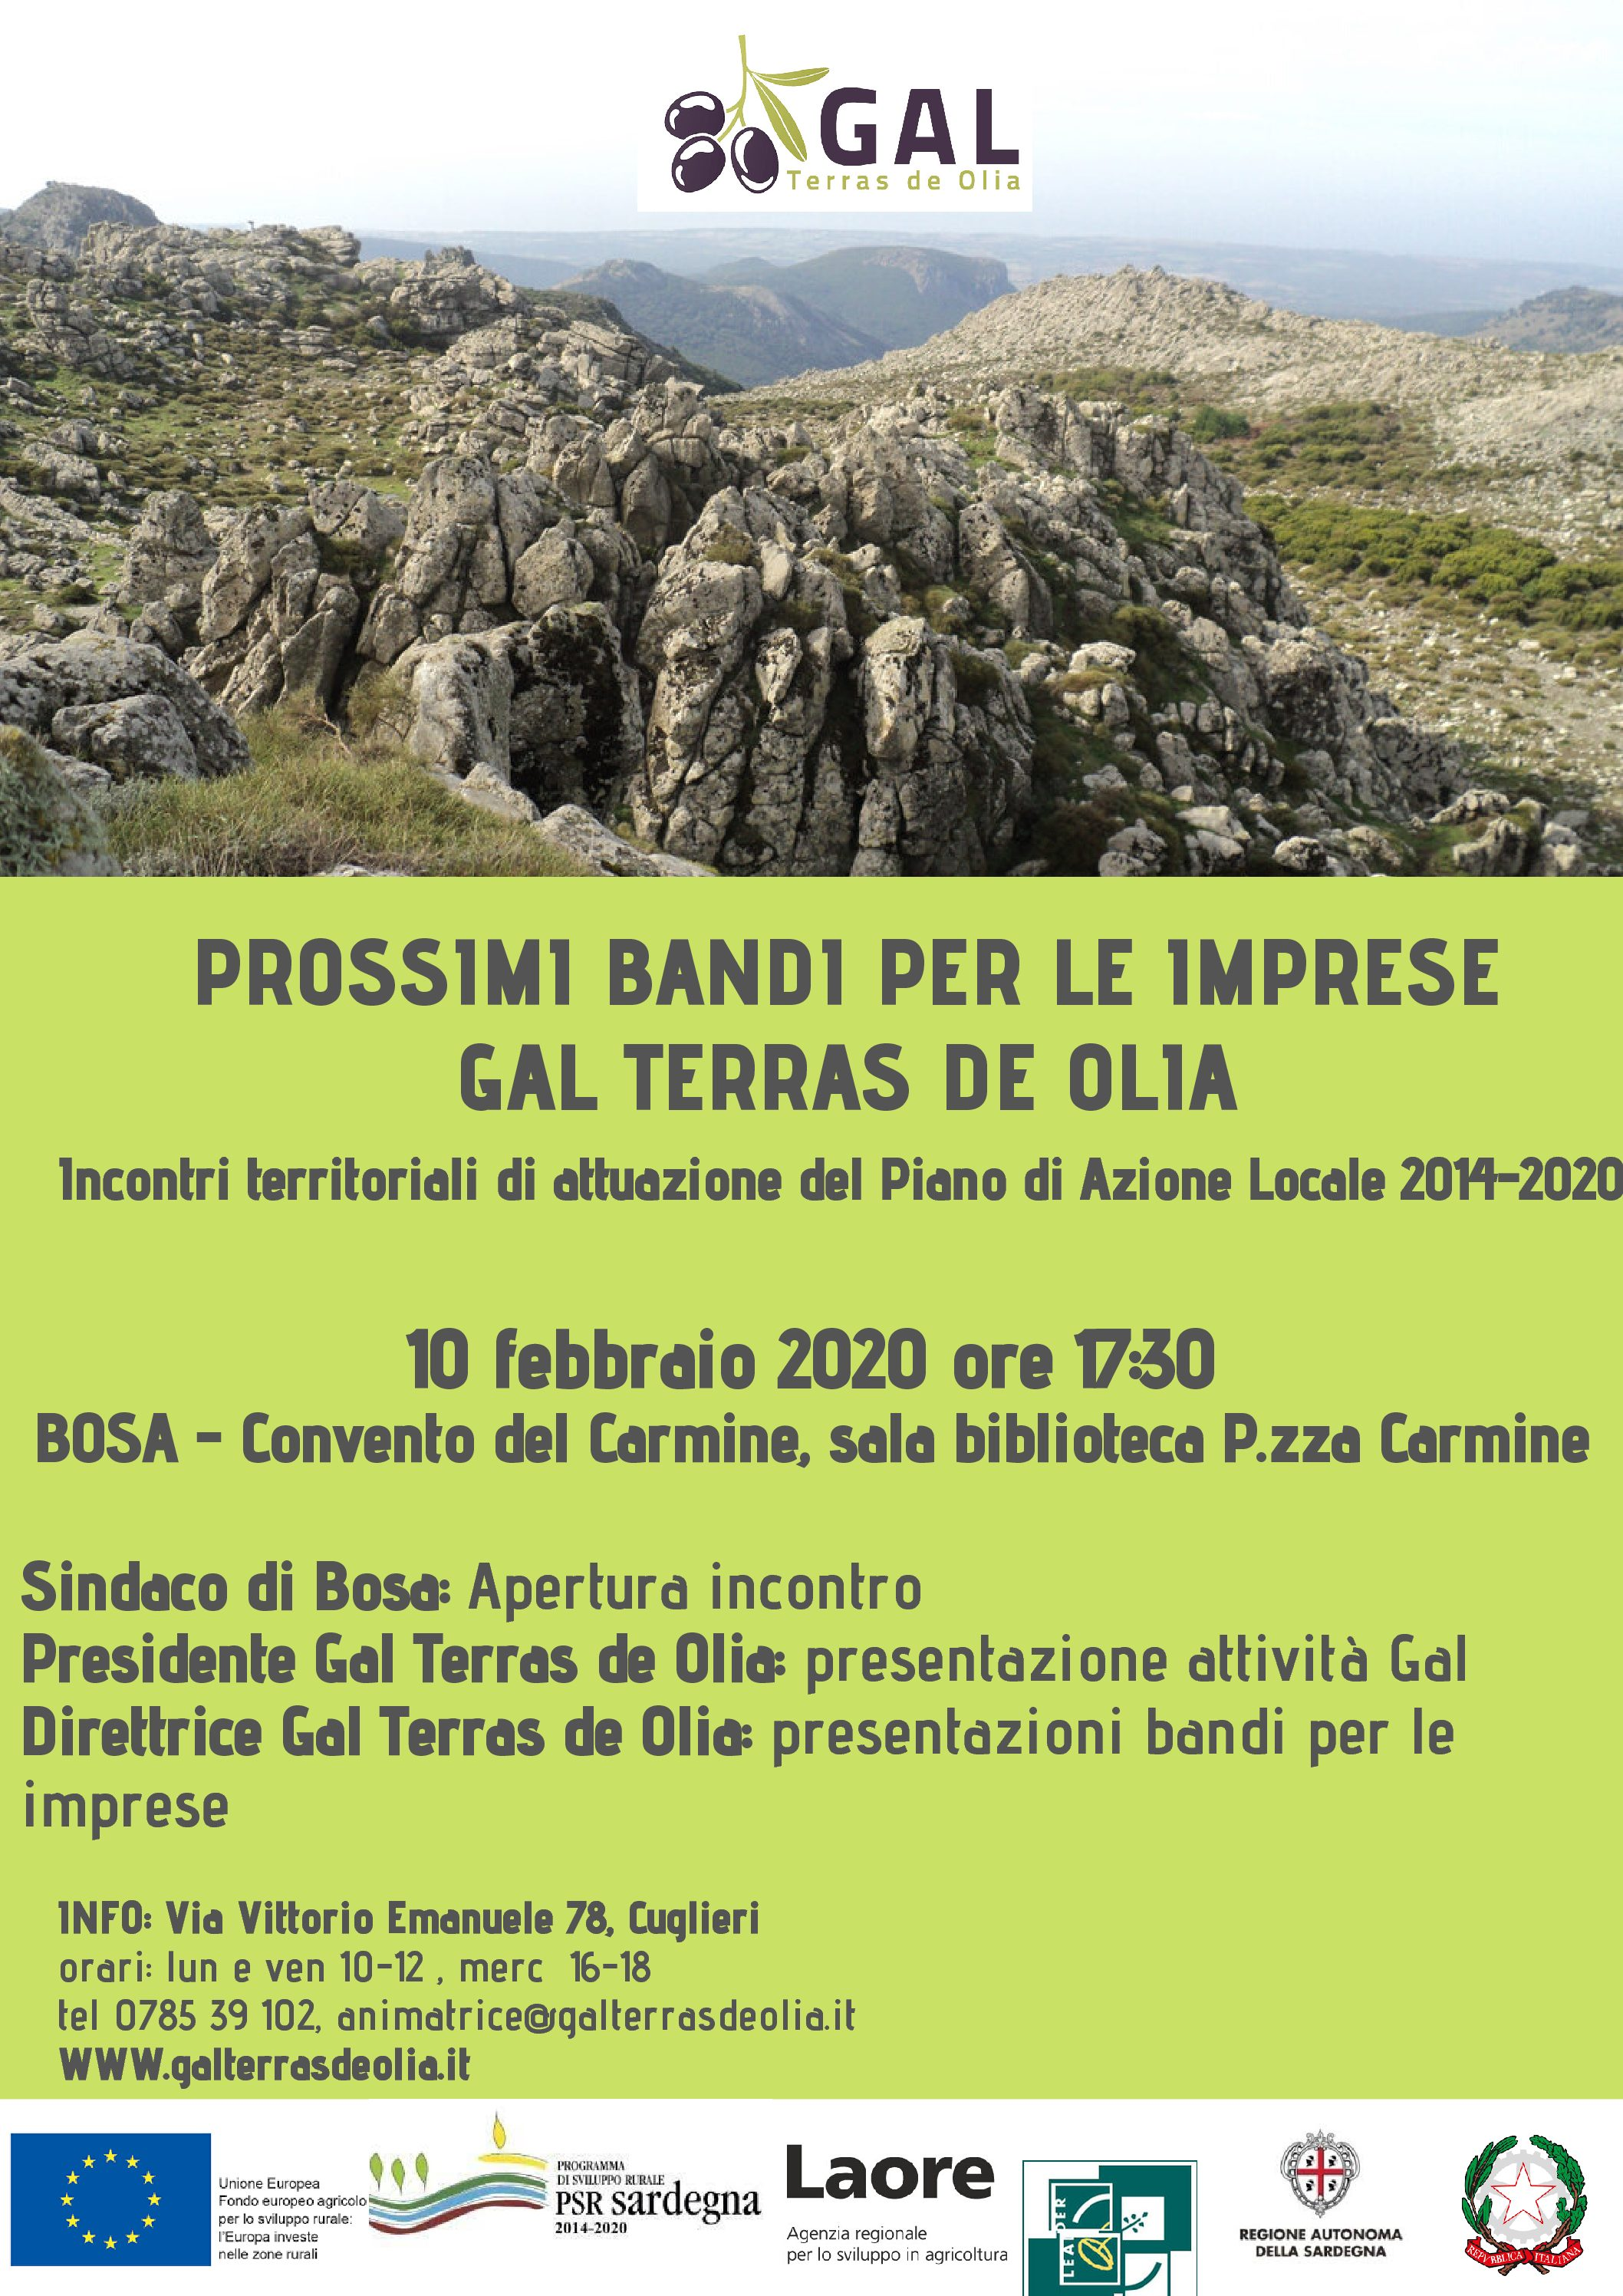 Incontro territoriale a Bosa 10 febbraio 2020 ore 17:30